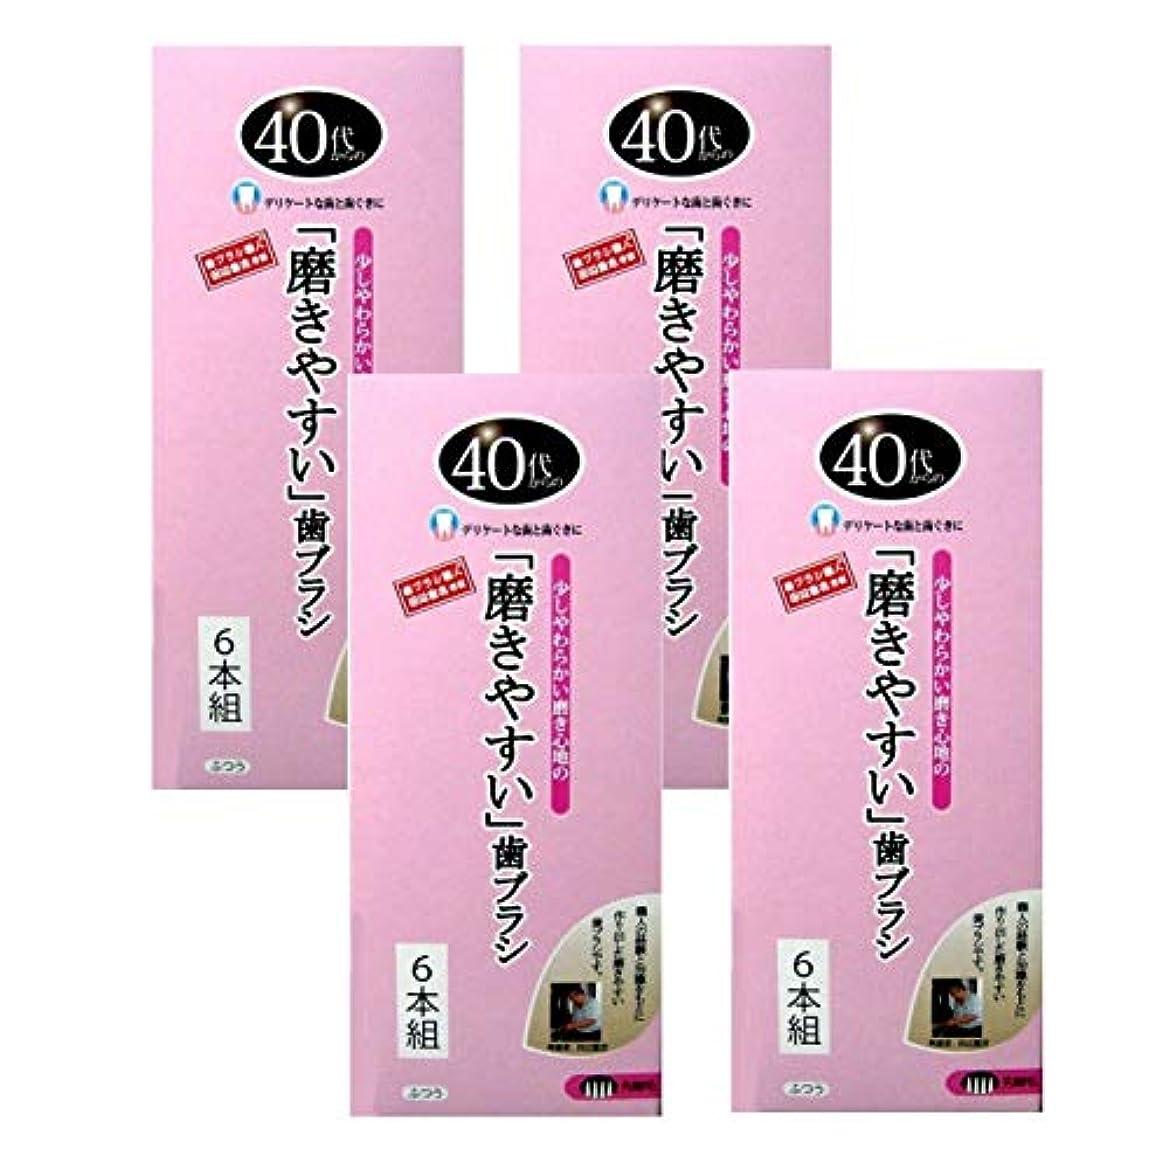 農業時系列レイア歯ブラシ職人 田辺重吉考案 40代からの磨きやすい歯ブラシ 先細 6本組 (24本)